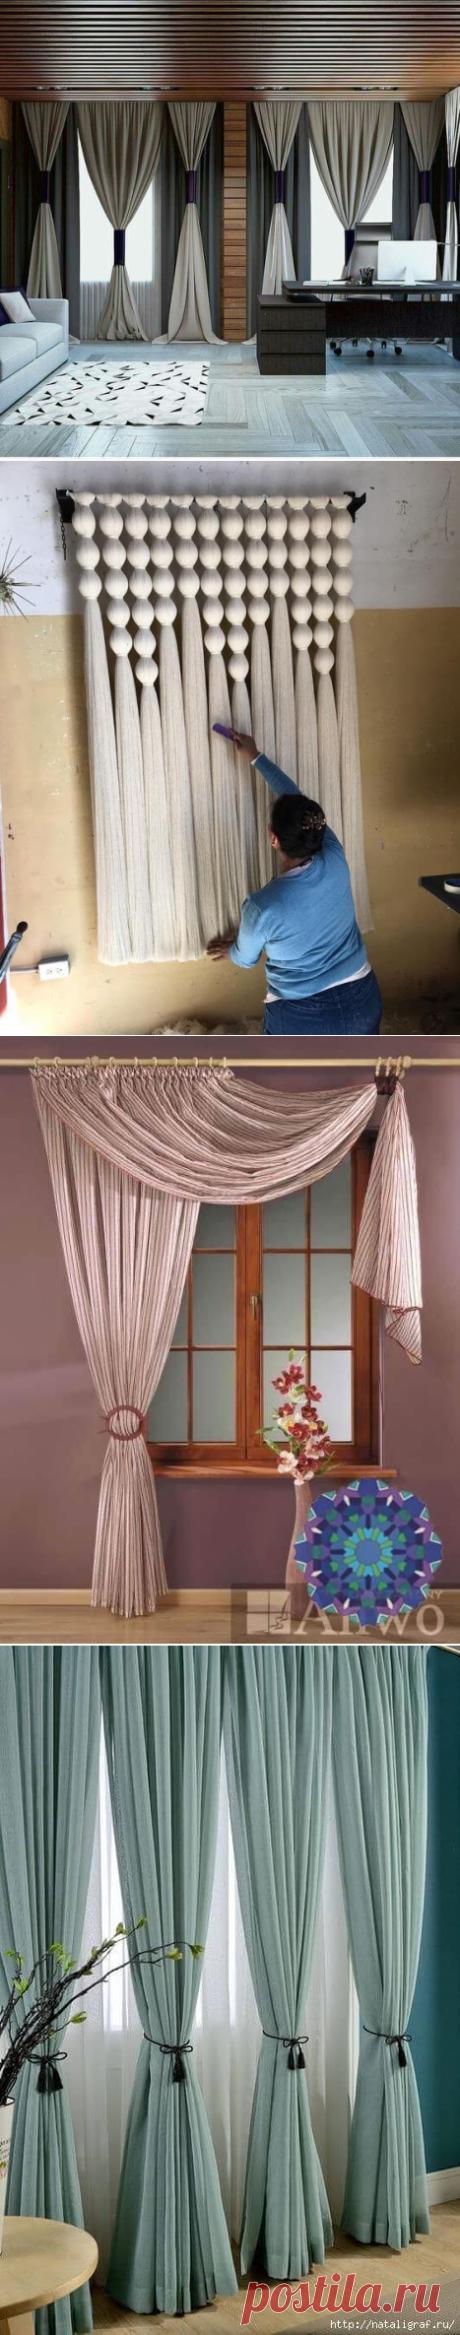 Идеи как оригинально оформить окно текстилем | Тысяча и одна идея